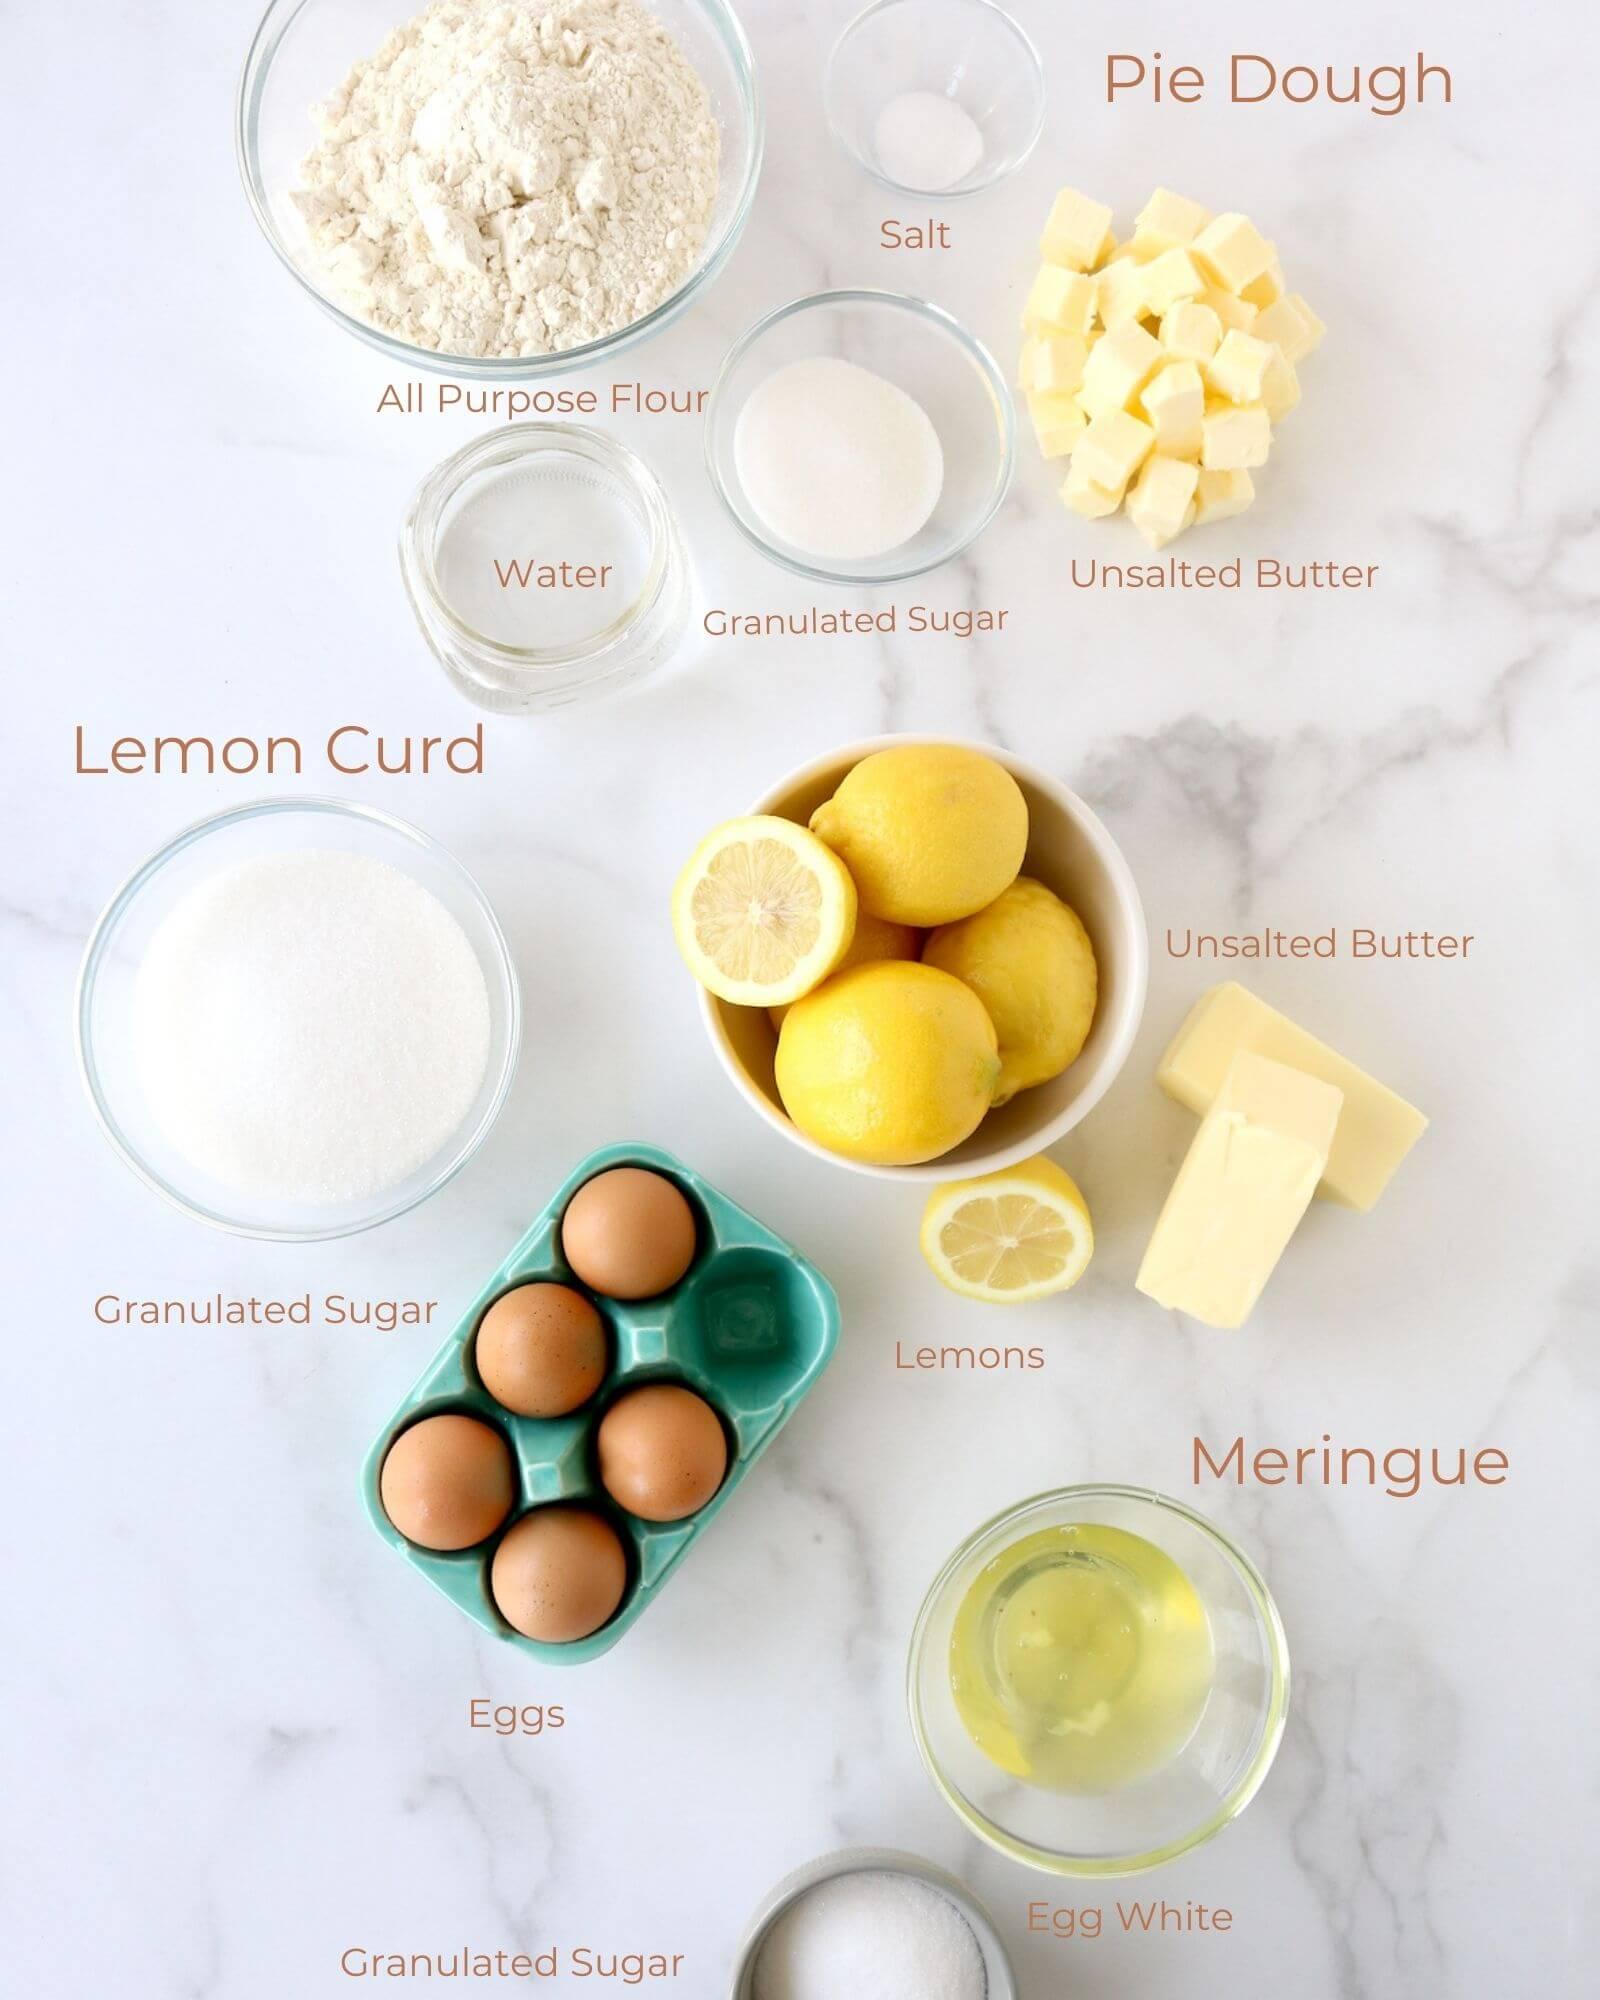 bowls of flour, sugar, salt, butter, lemons, eggs, and egg whites.